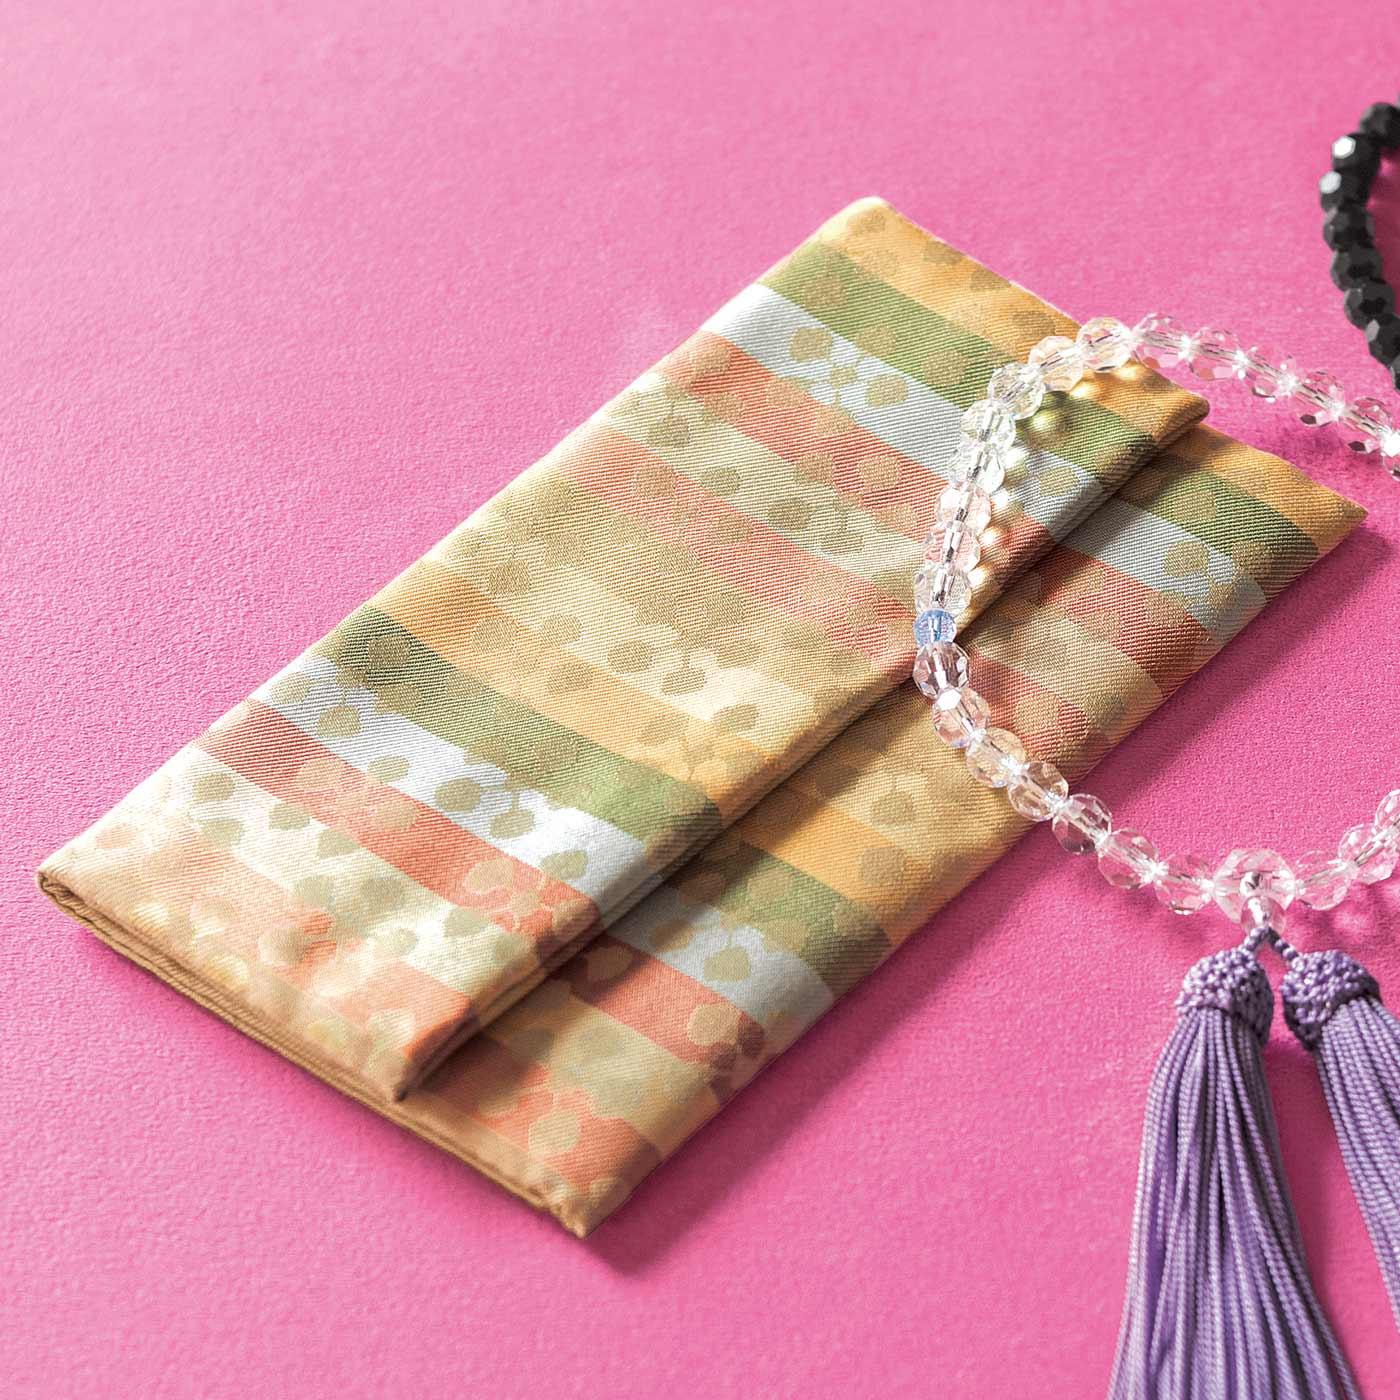 自分だけのオリジナルな数珠袋を探していた方に。白切甲(しろきりこう)の数珠ともよく合います。